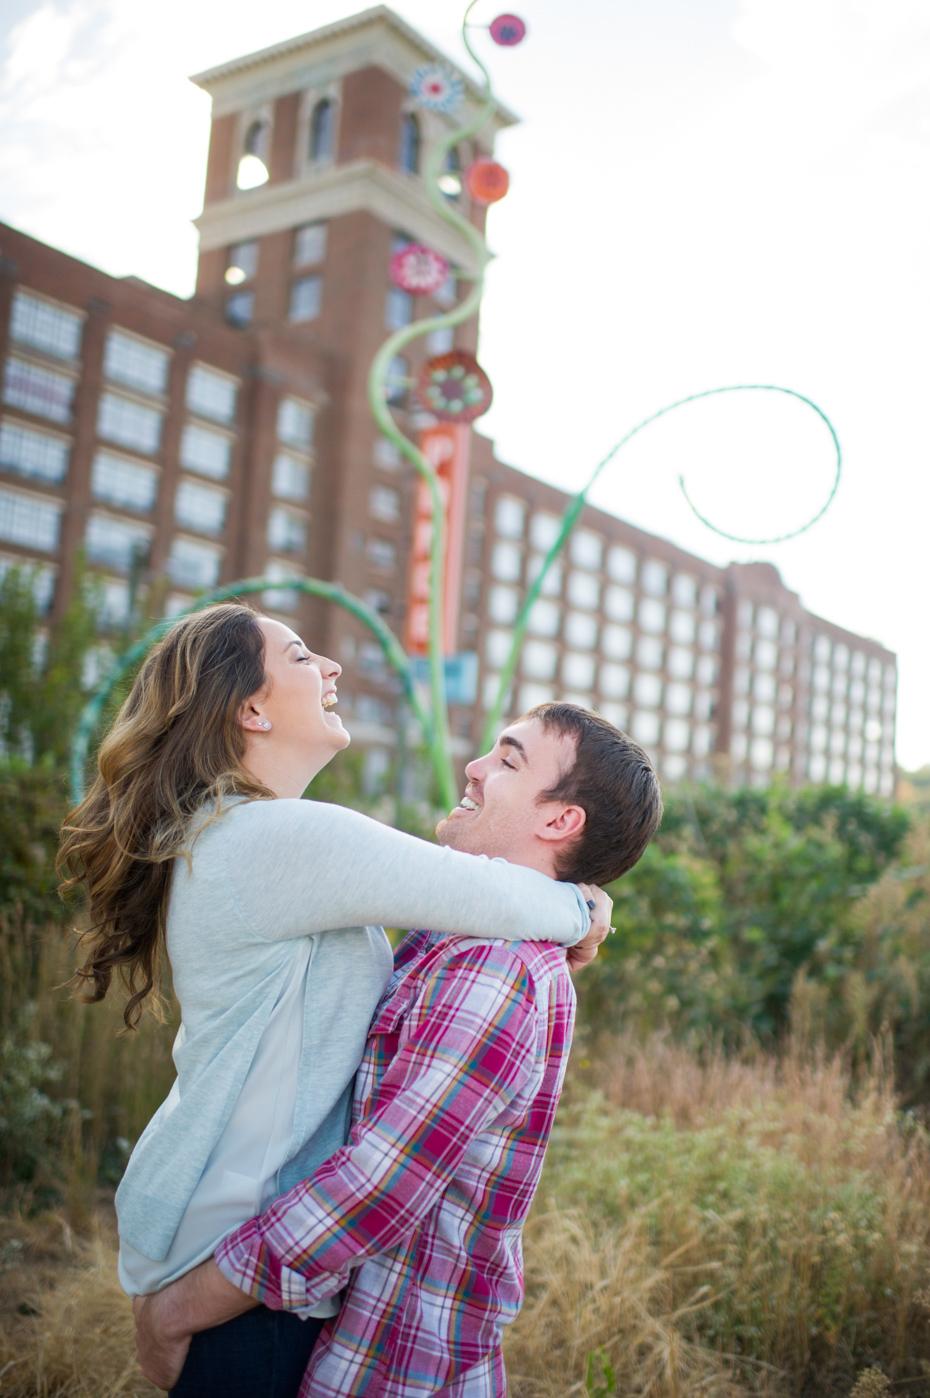 Atlanta Engagement Photos at Ponce City Market